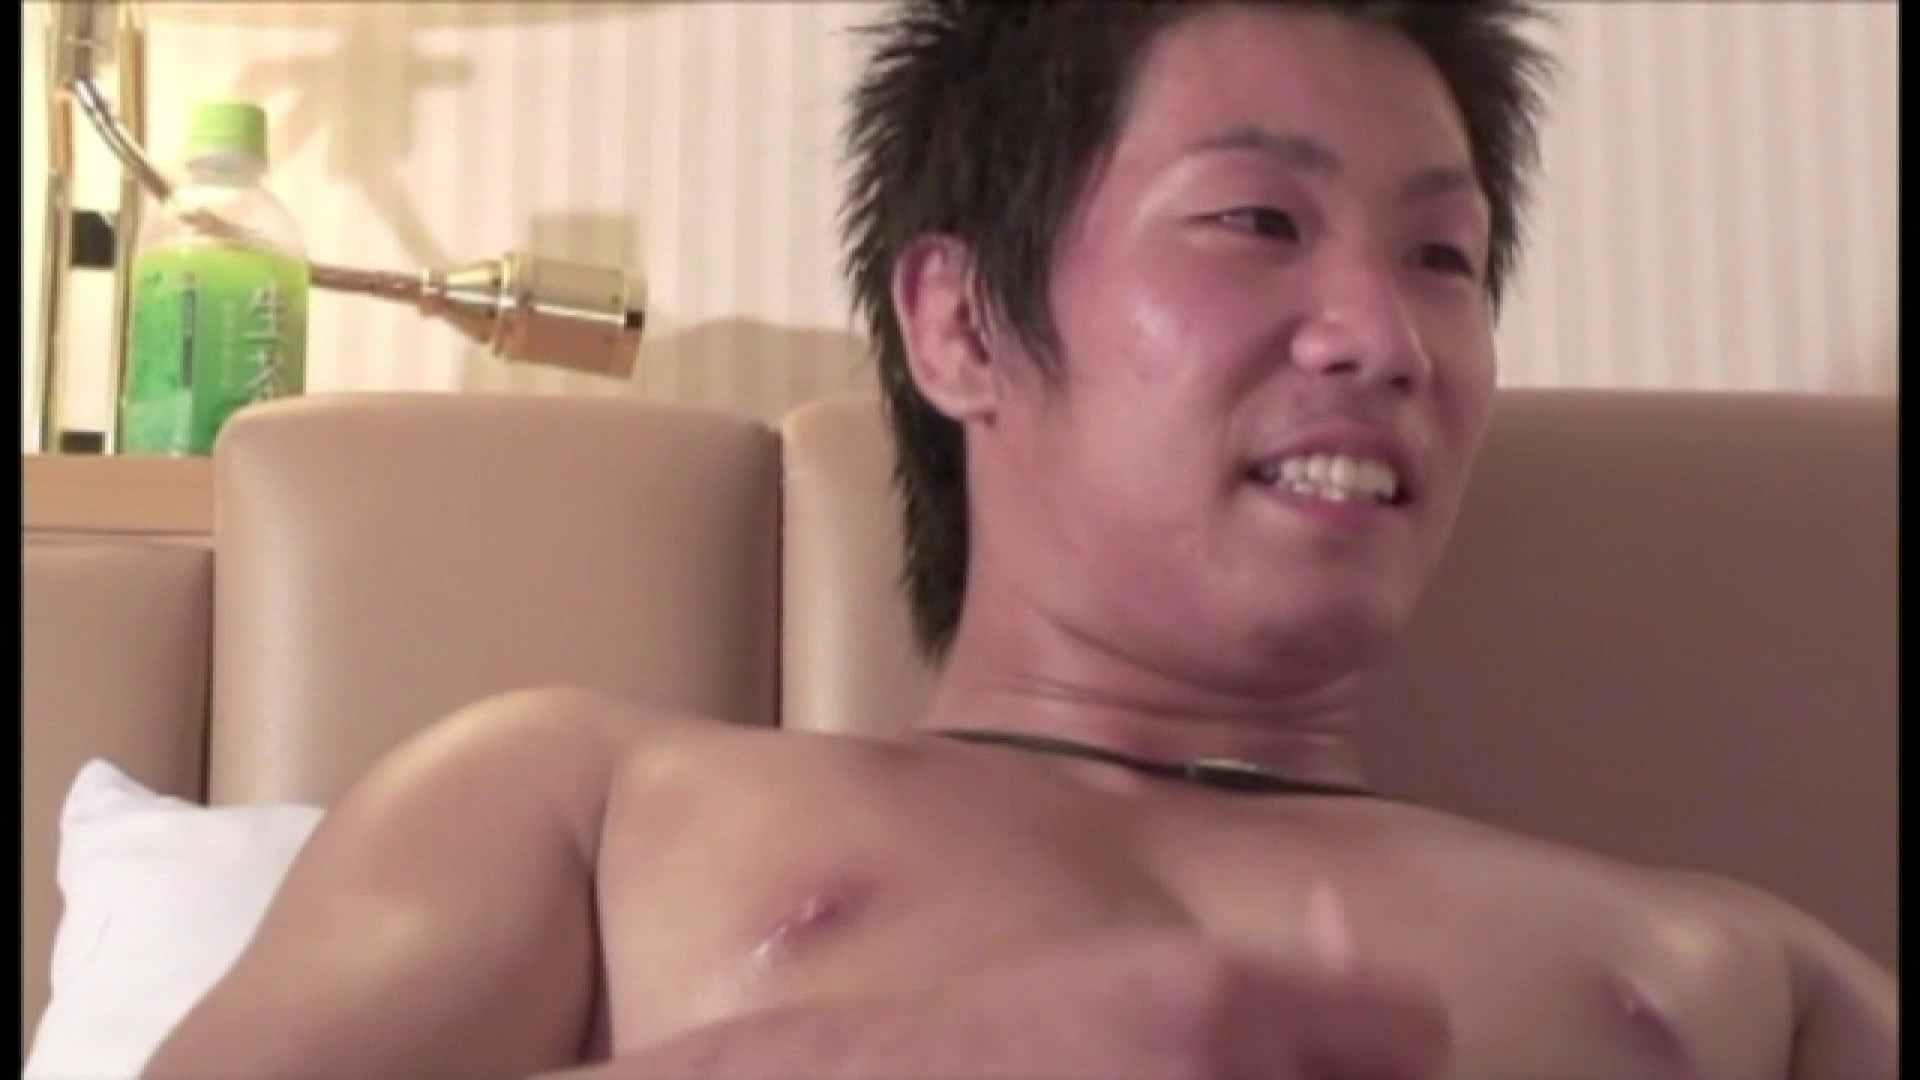 ノンケイケメンの欲望と肉棒 Vol.25 エロ  90pic 14